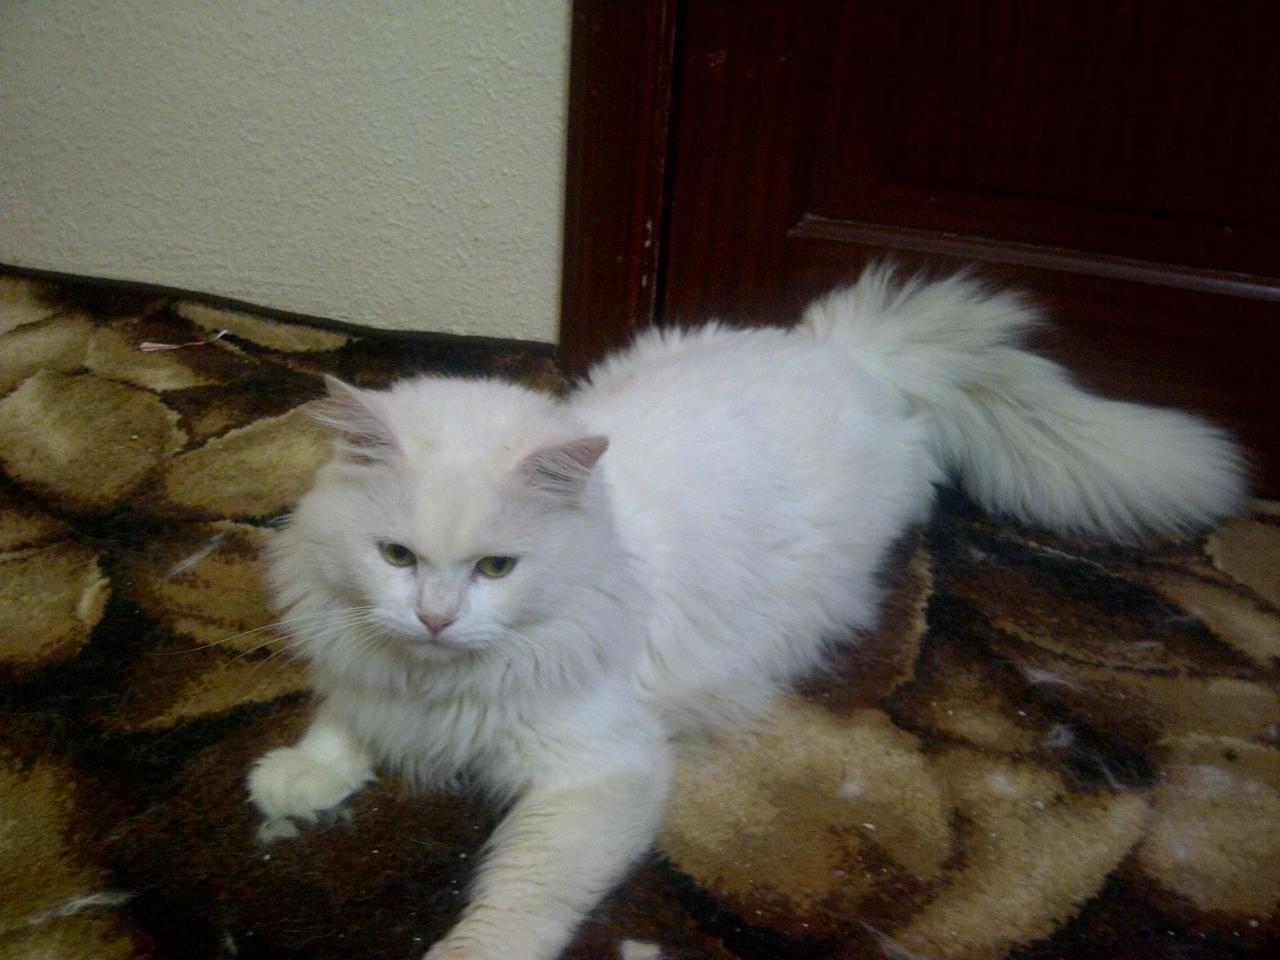 صورة قطط رومي, حبيت القطط من جمالها 2554 2